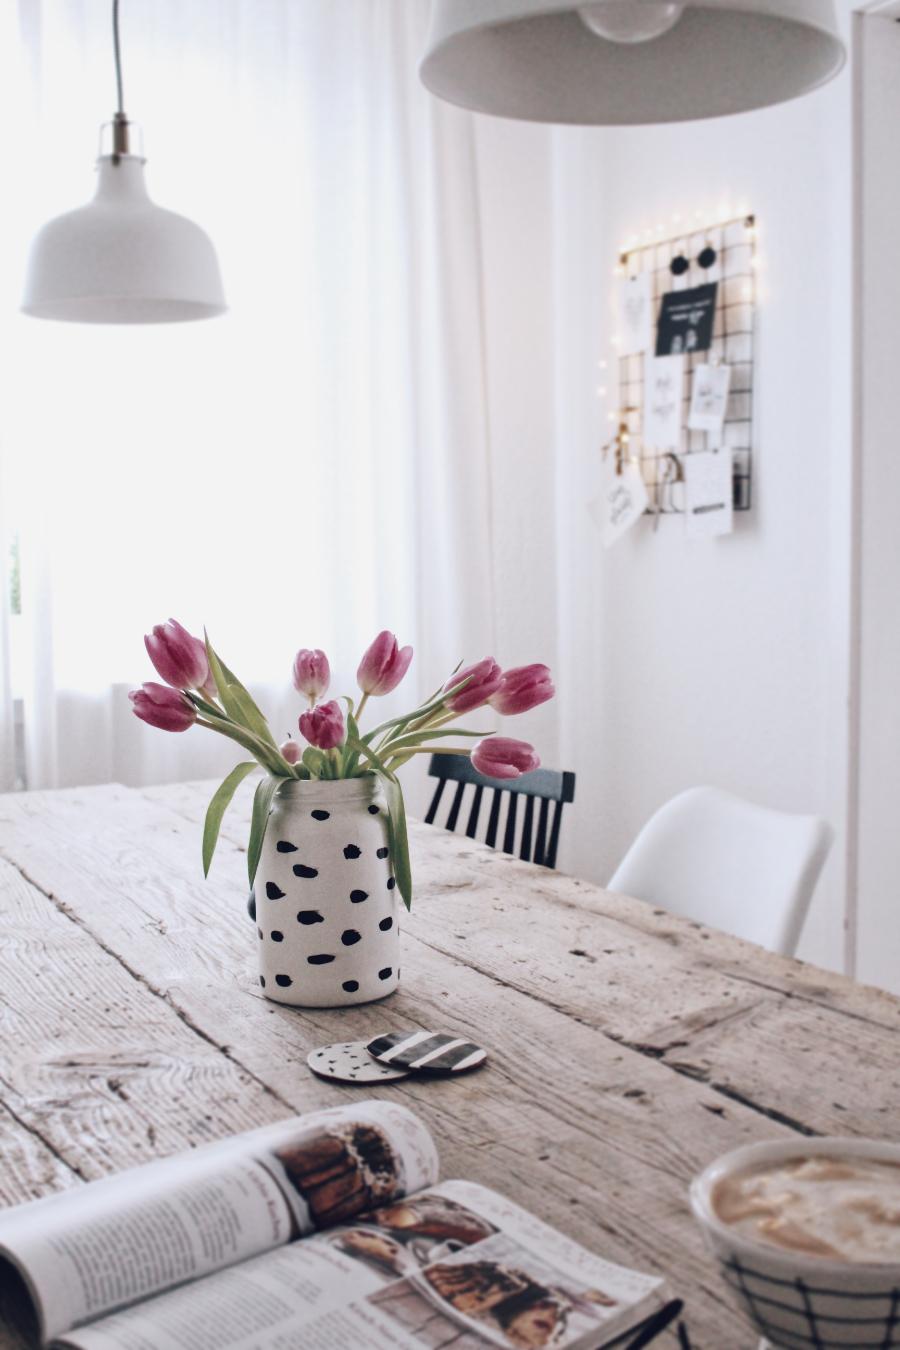 Как сделать вазу из банки с помощью красок - готовое изделие